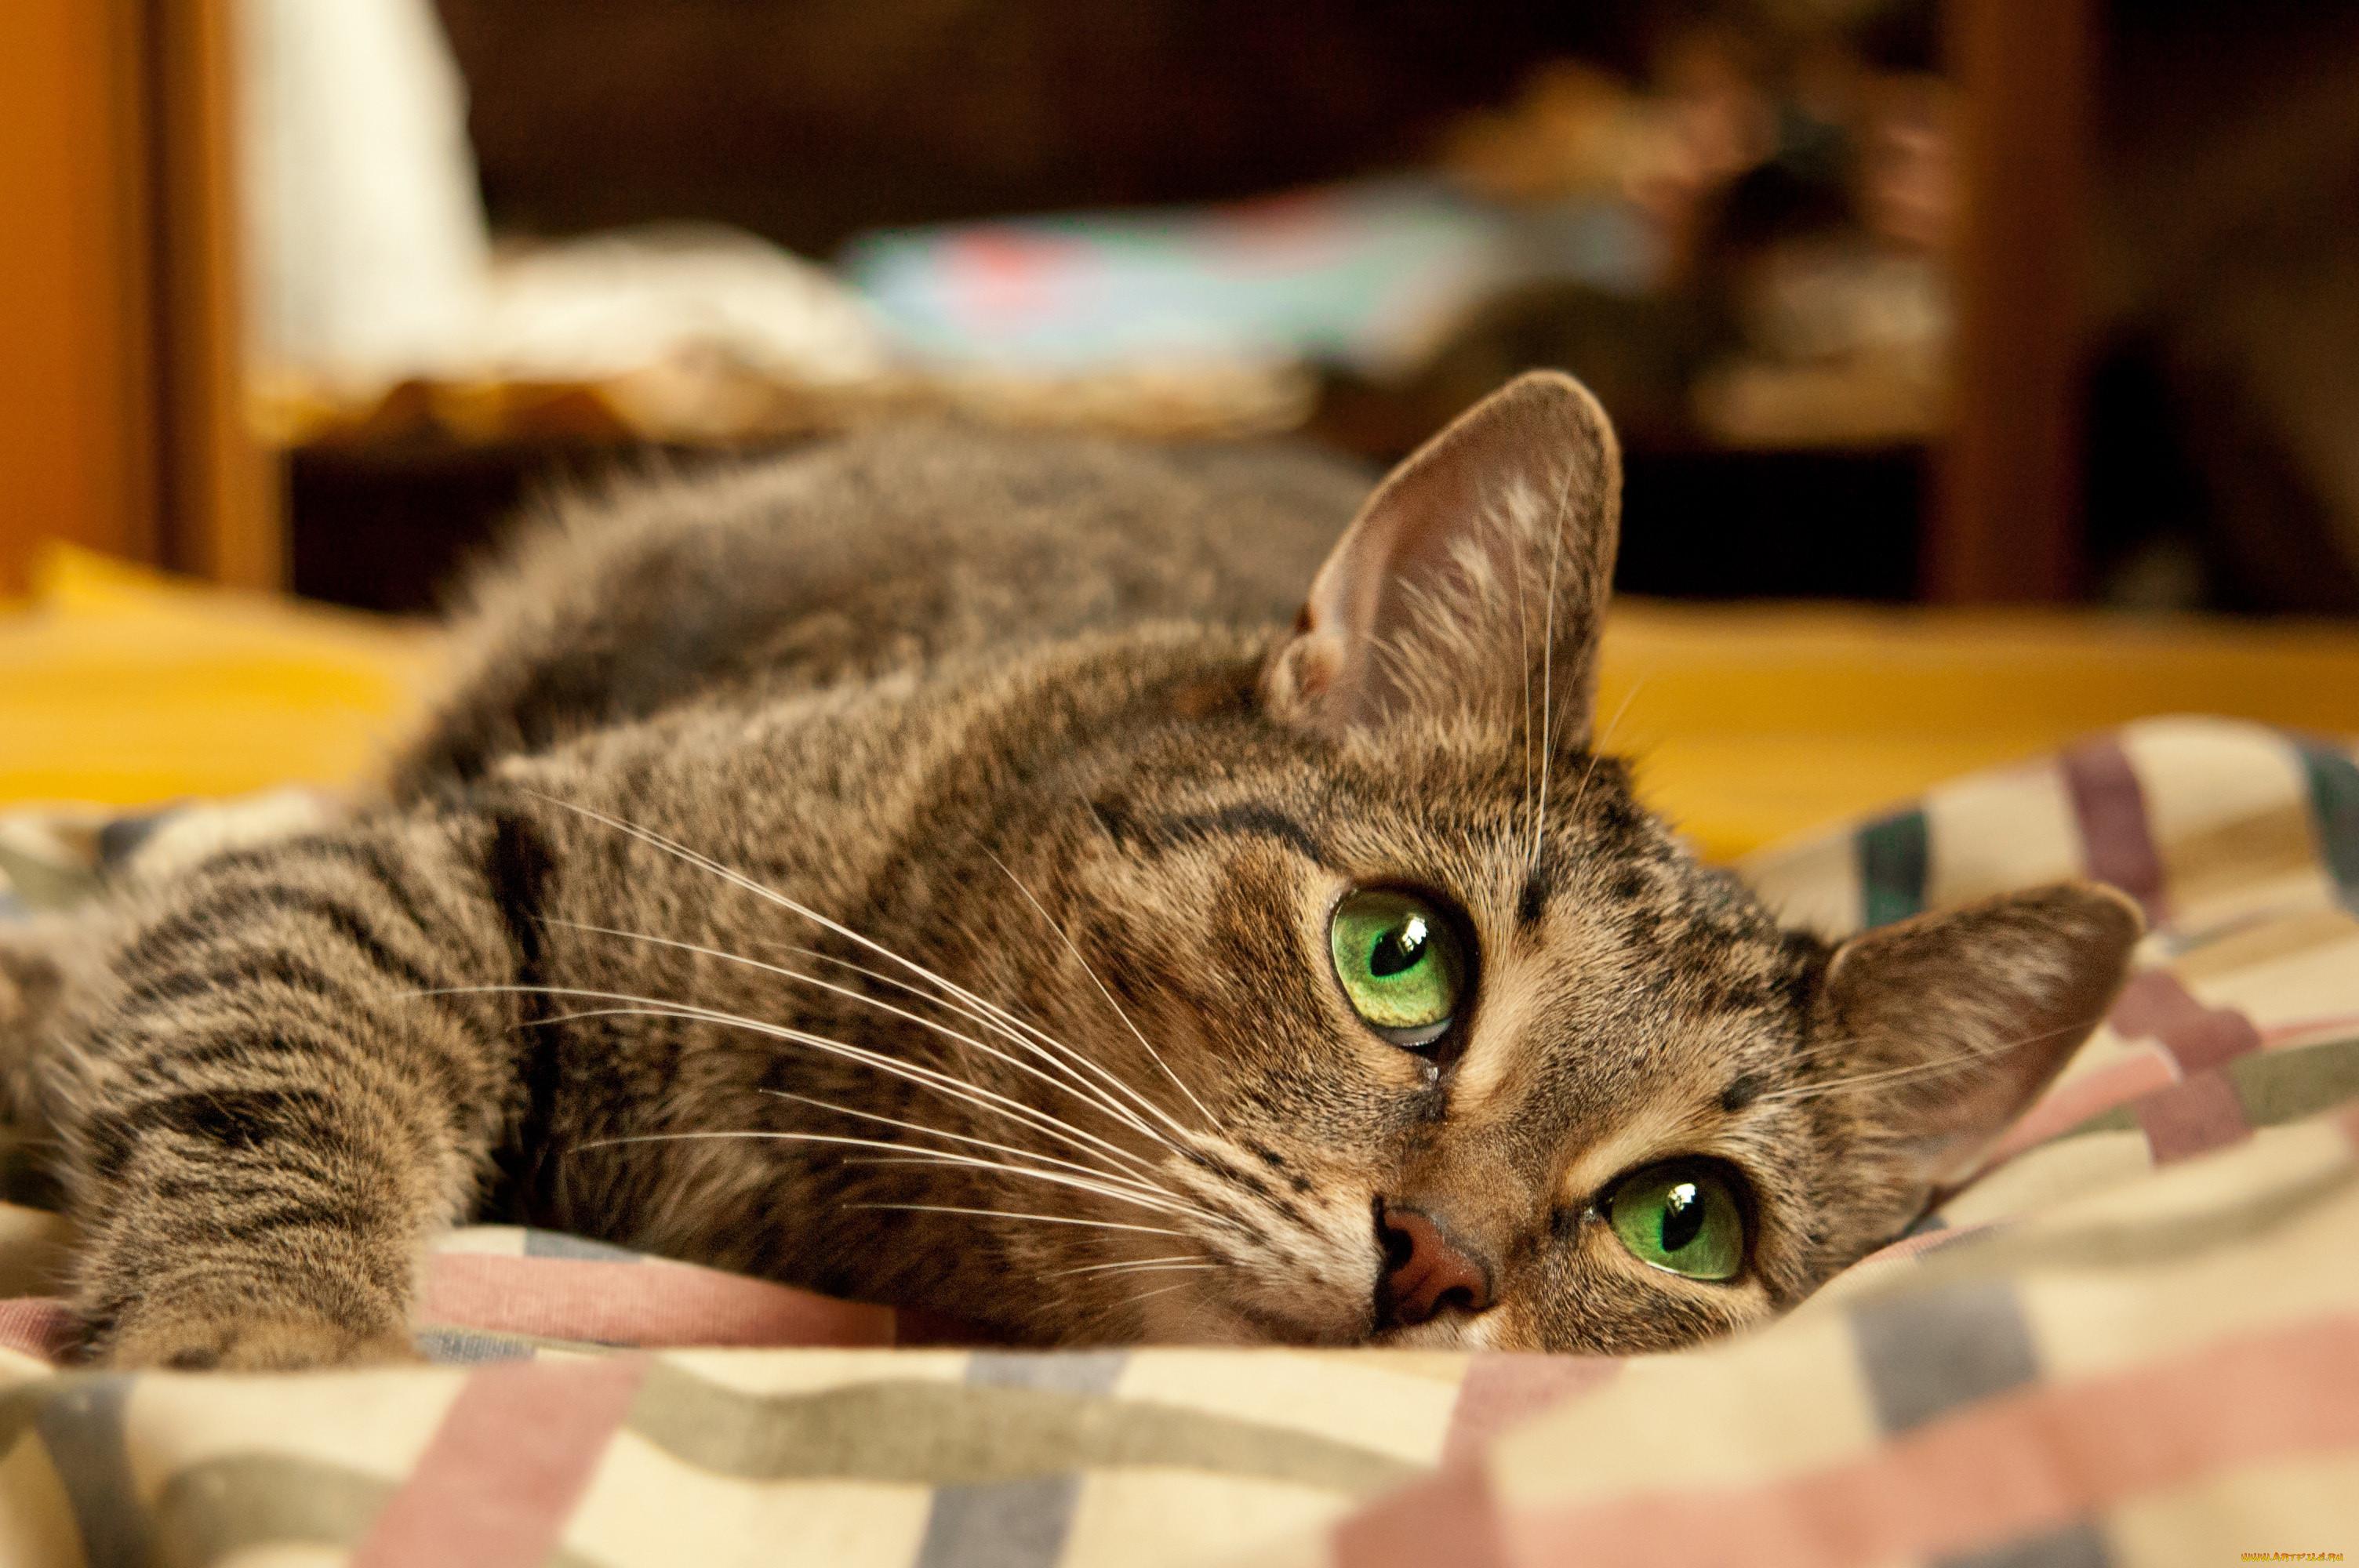 началова чуть можно картинки котов бюджетно